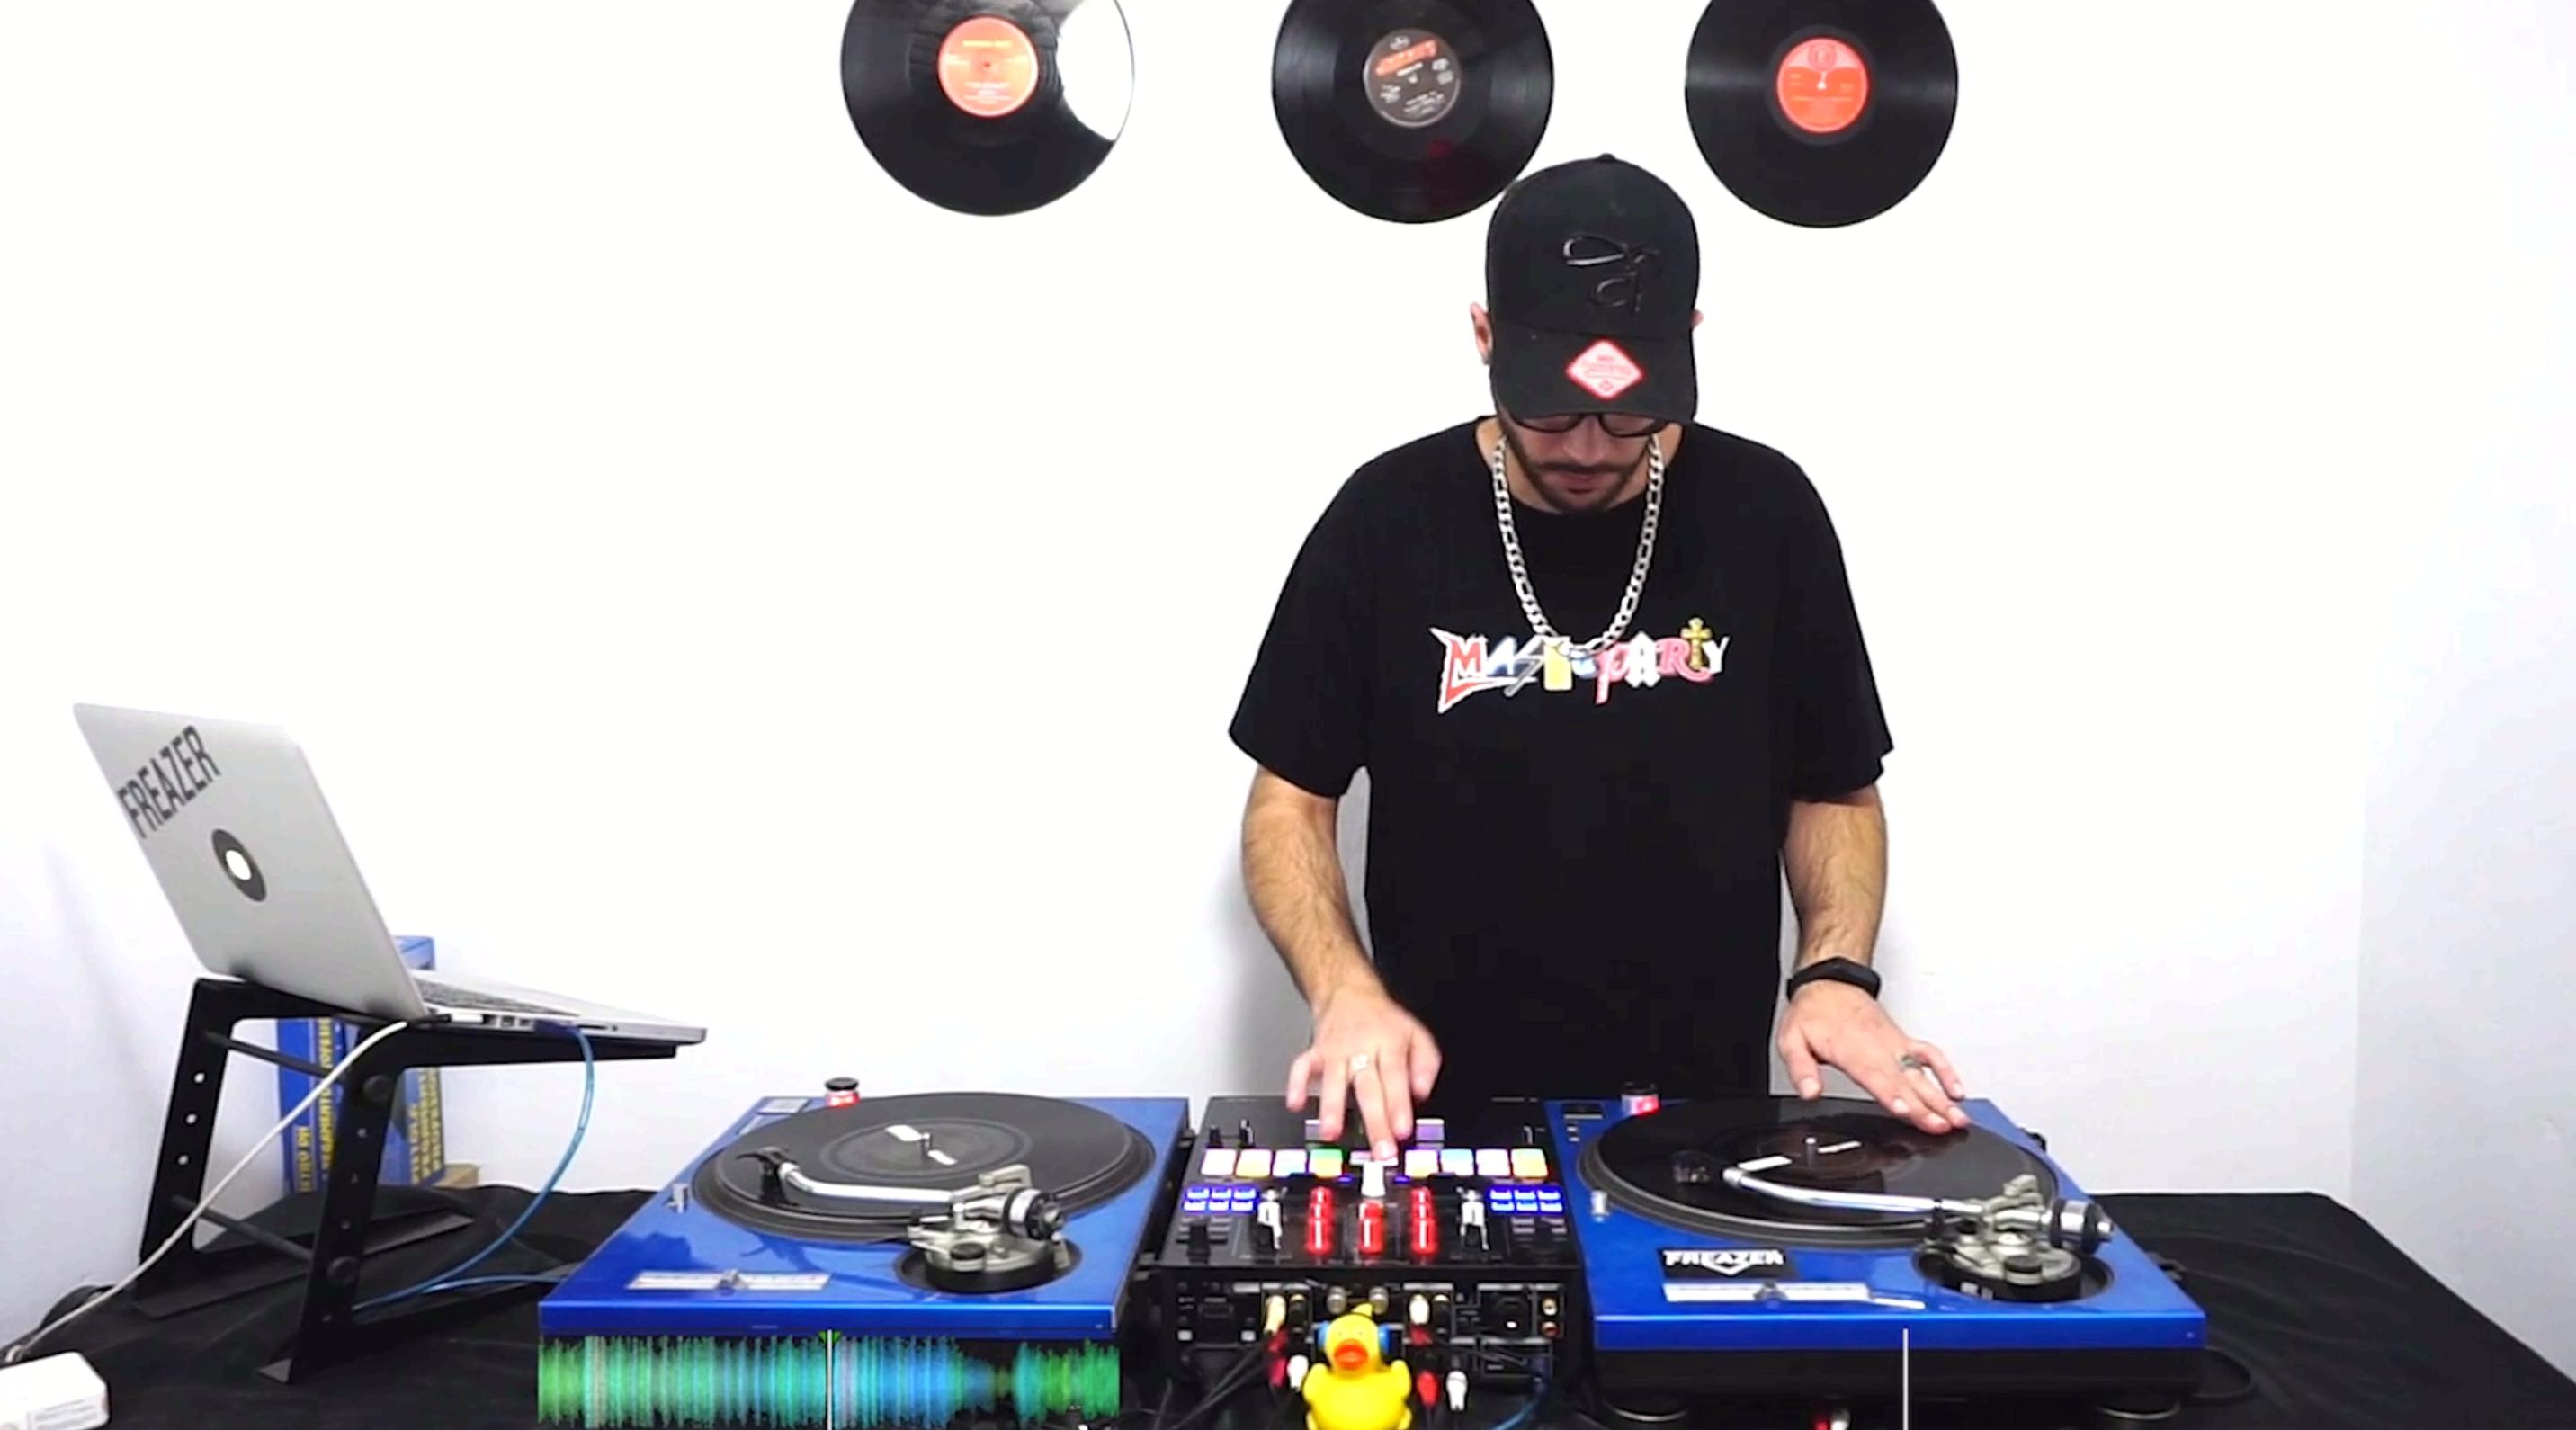 Conoce a Vicente Frías, ¡ganador del concurso de DJ de Treintaycinco mm!